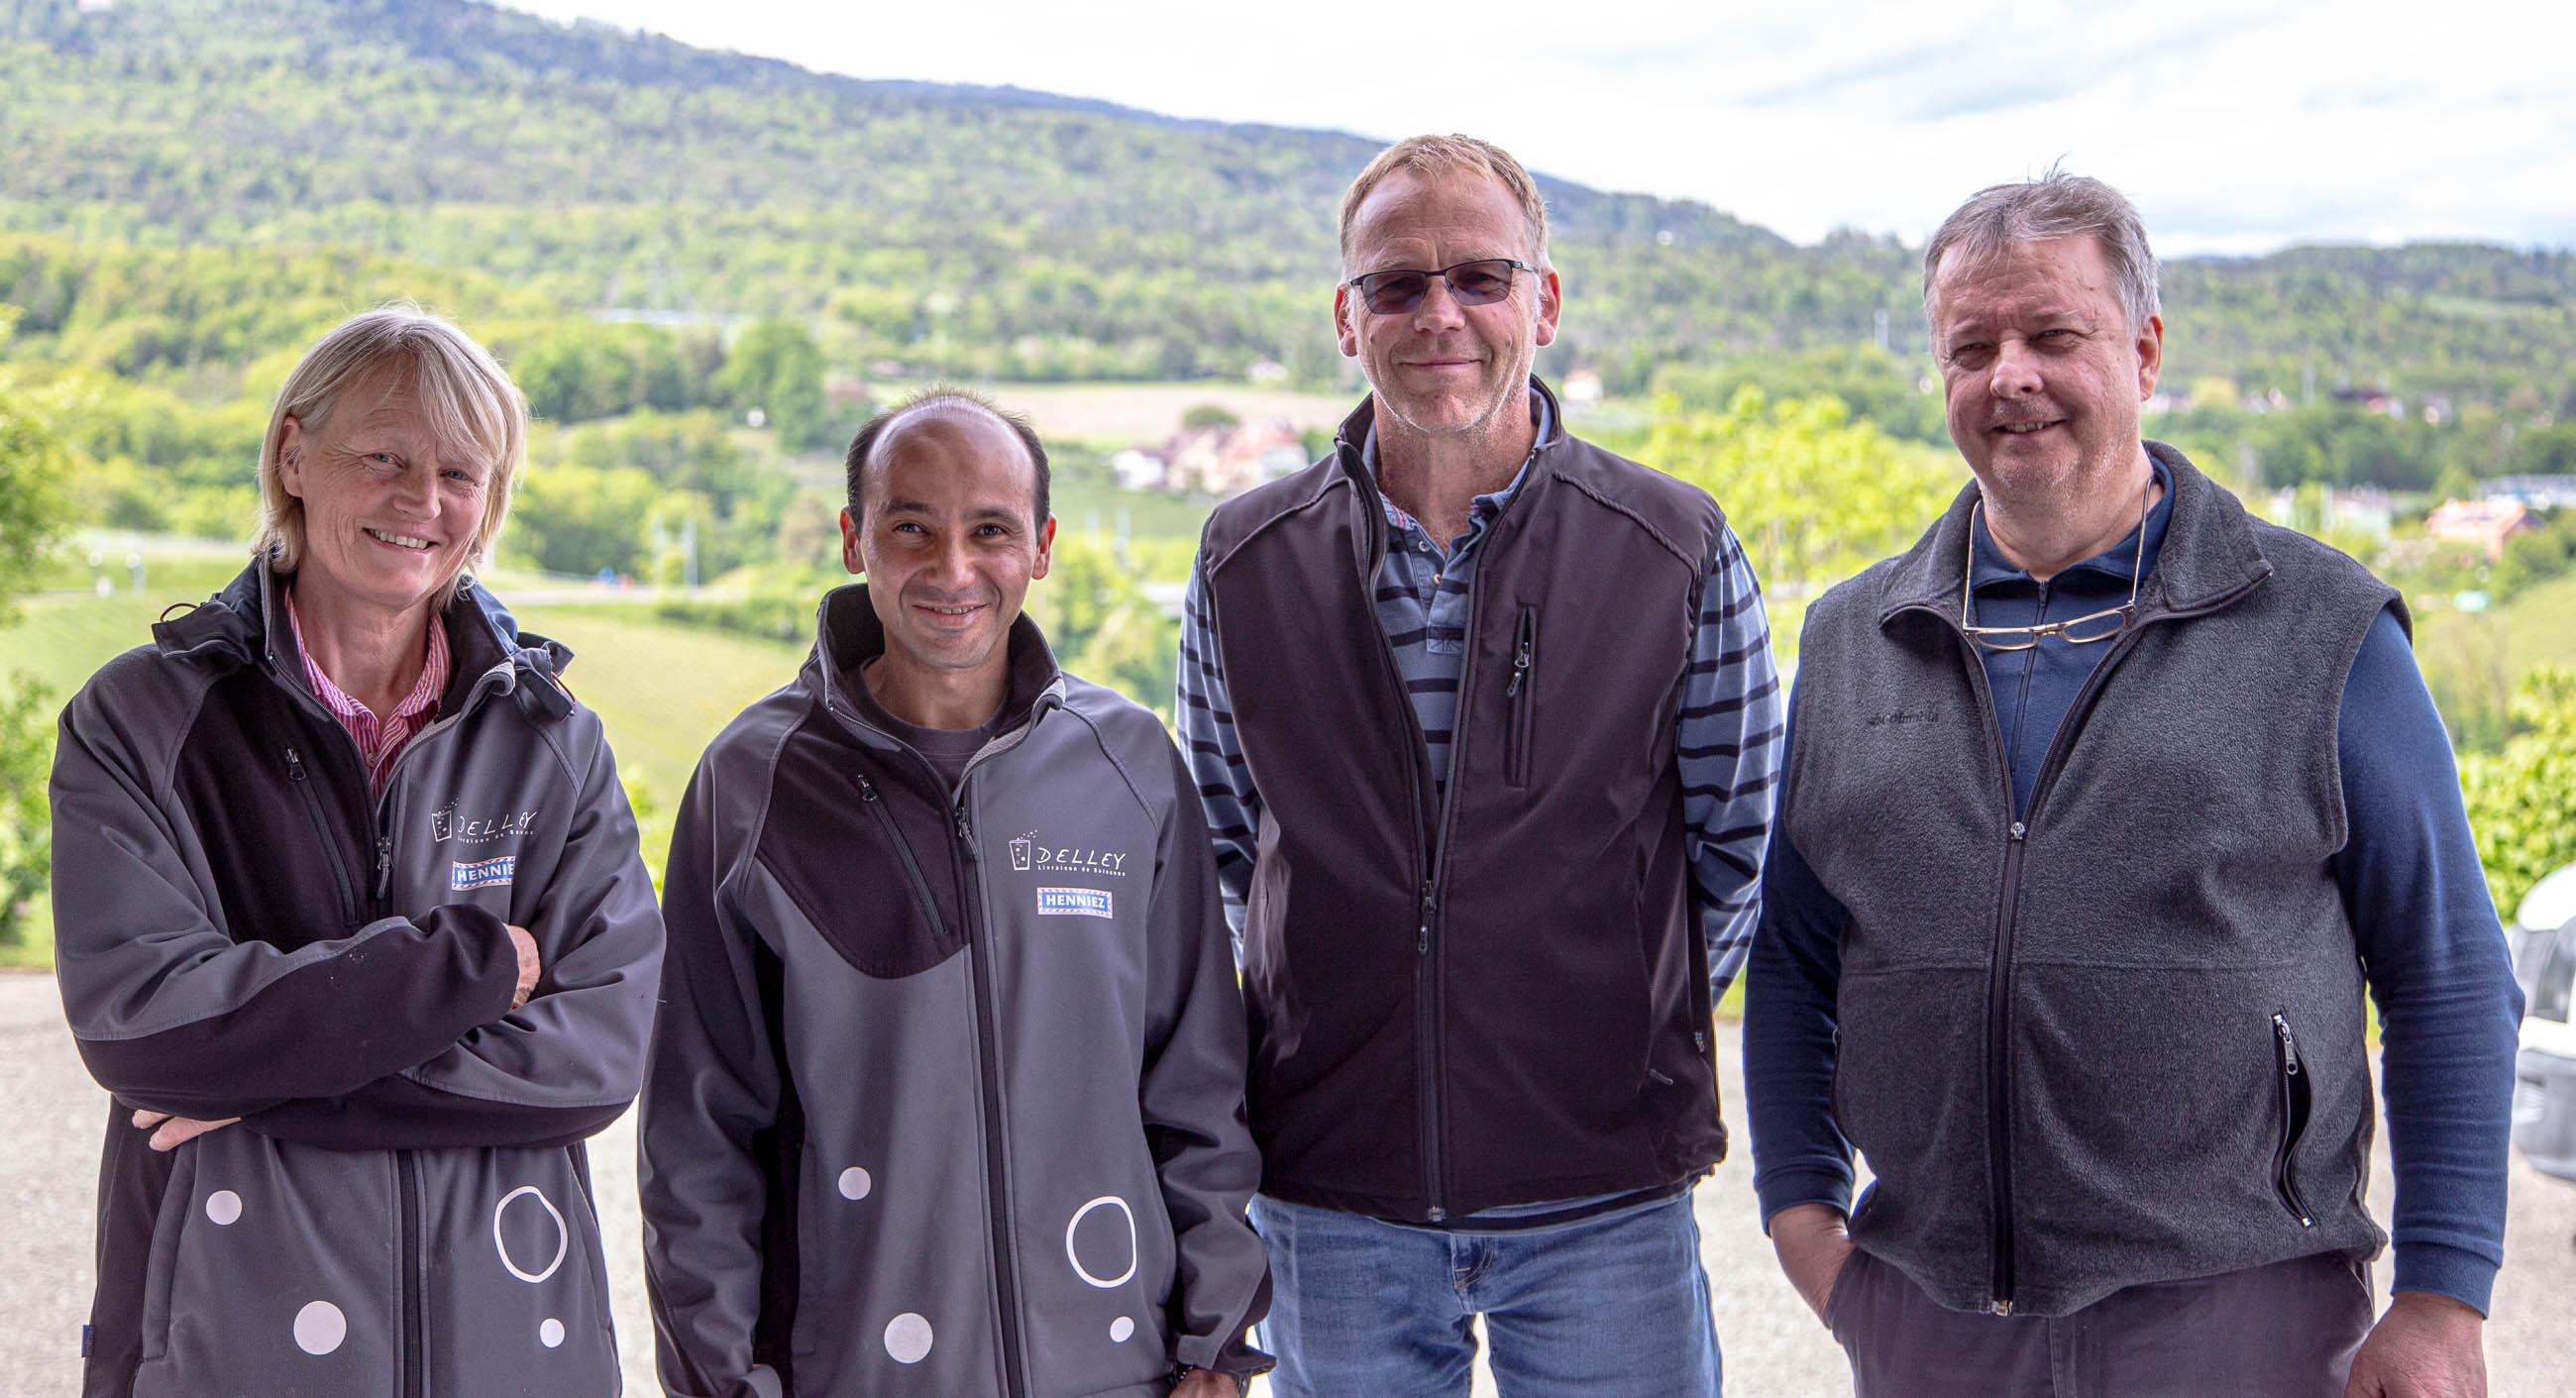 Une photo des quatre collaborateurs de Delley Boissons Sàrl